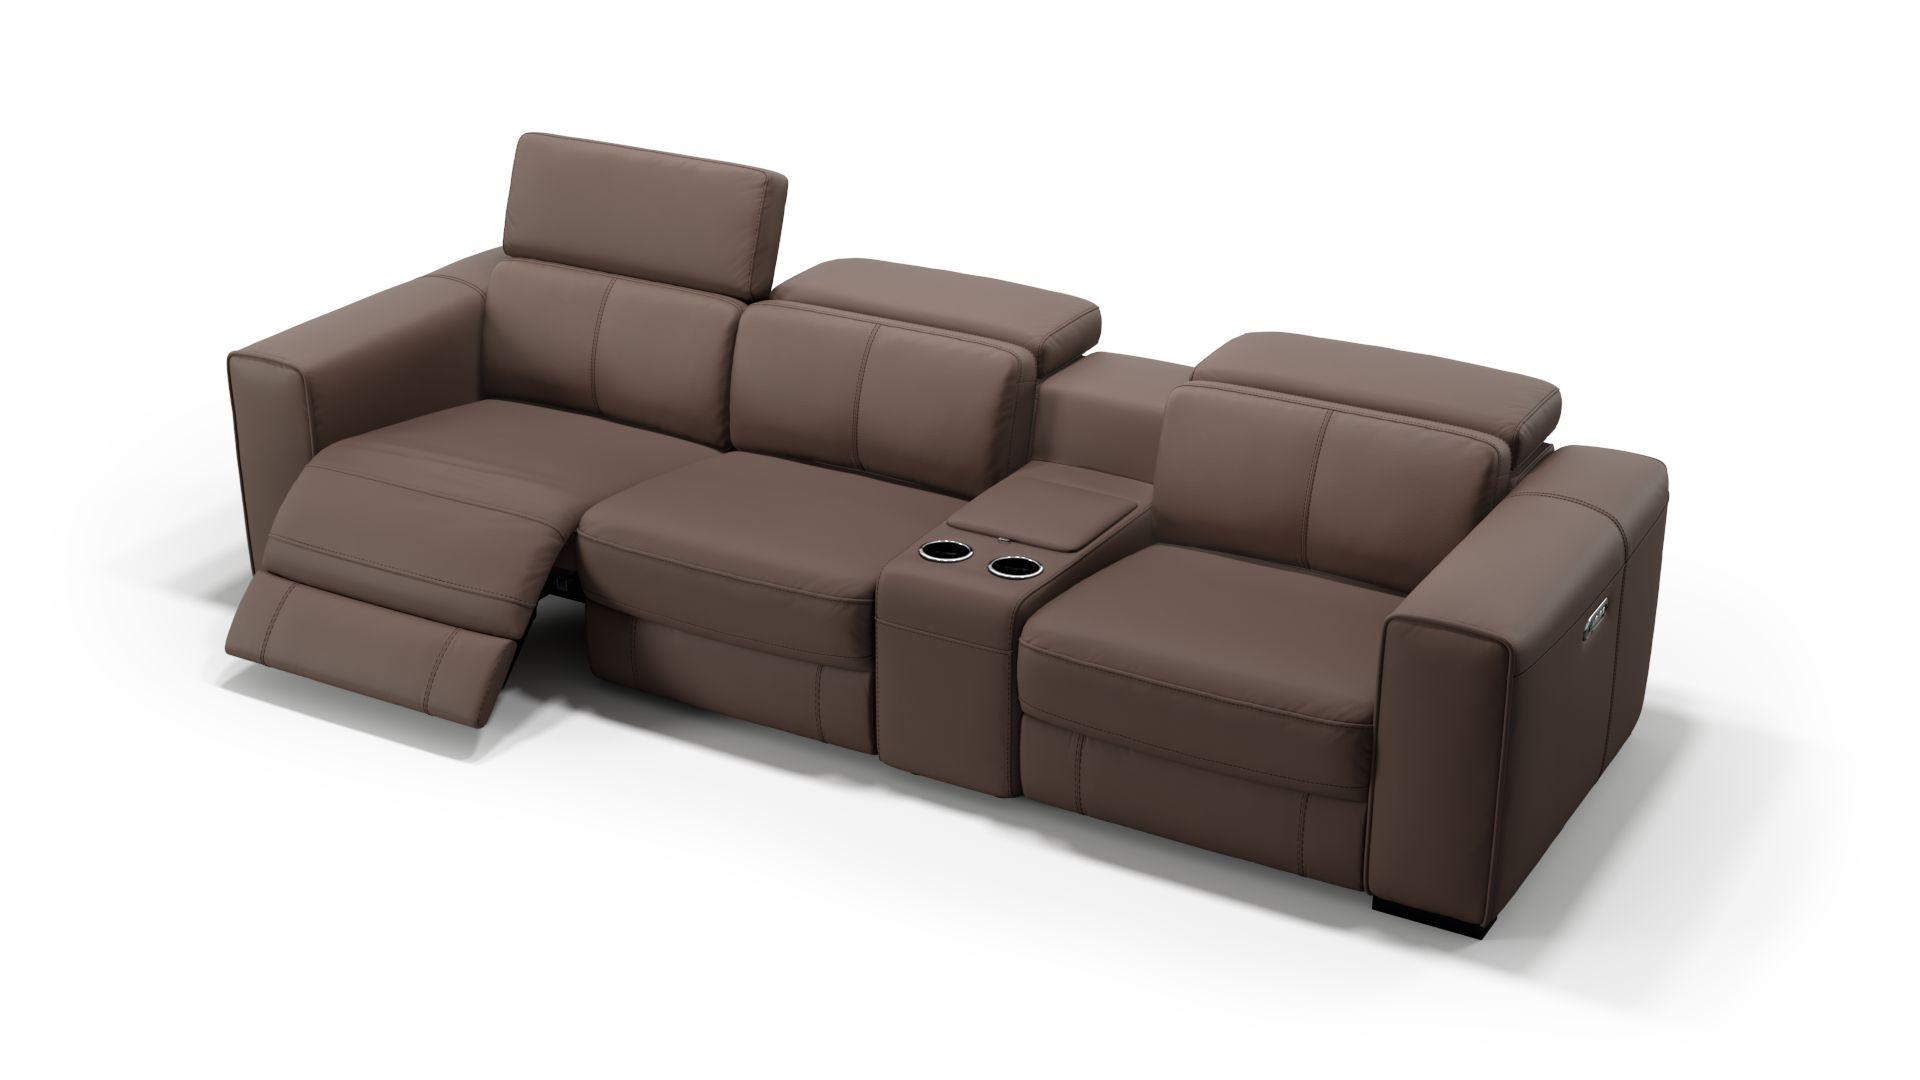 Leder 3-Sitzer Kinosofa mit einer Mittelkonsole BOVINO